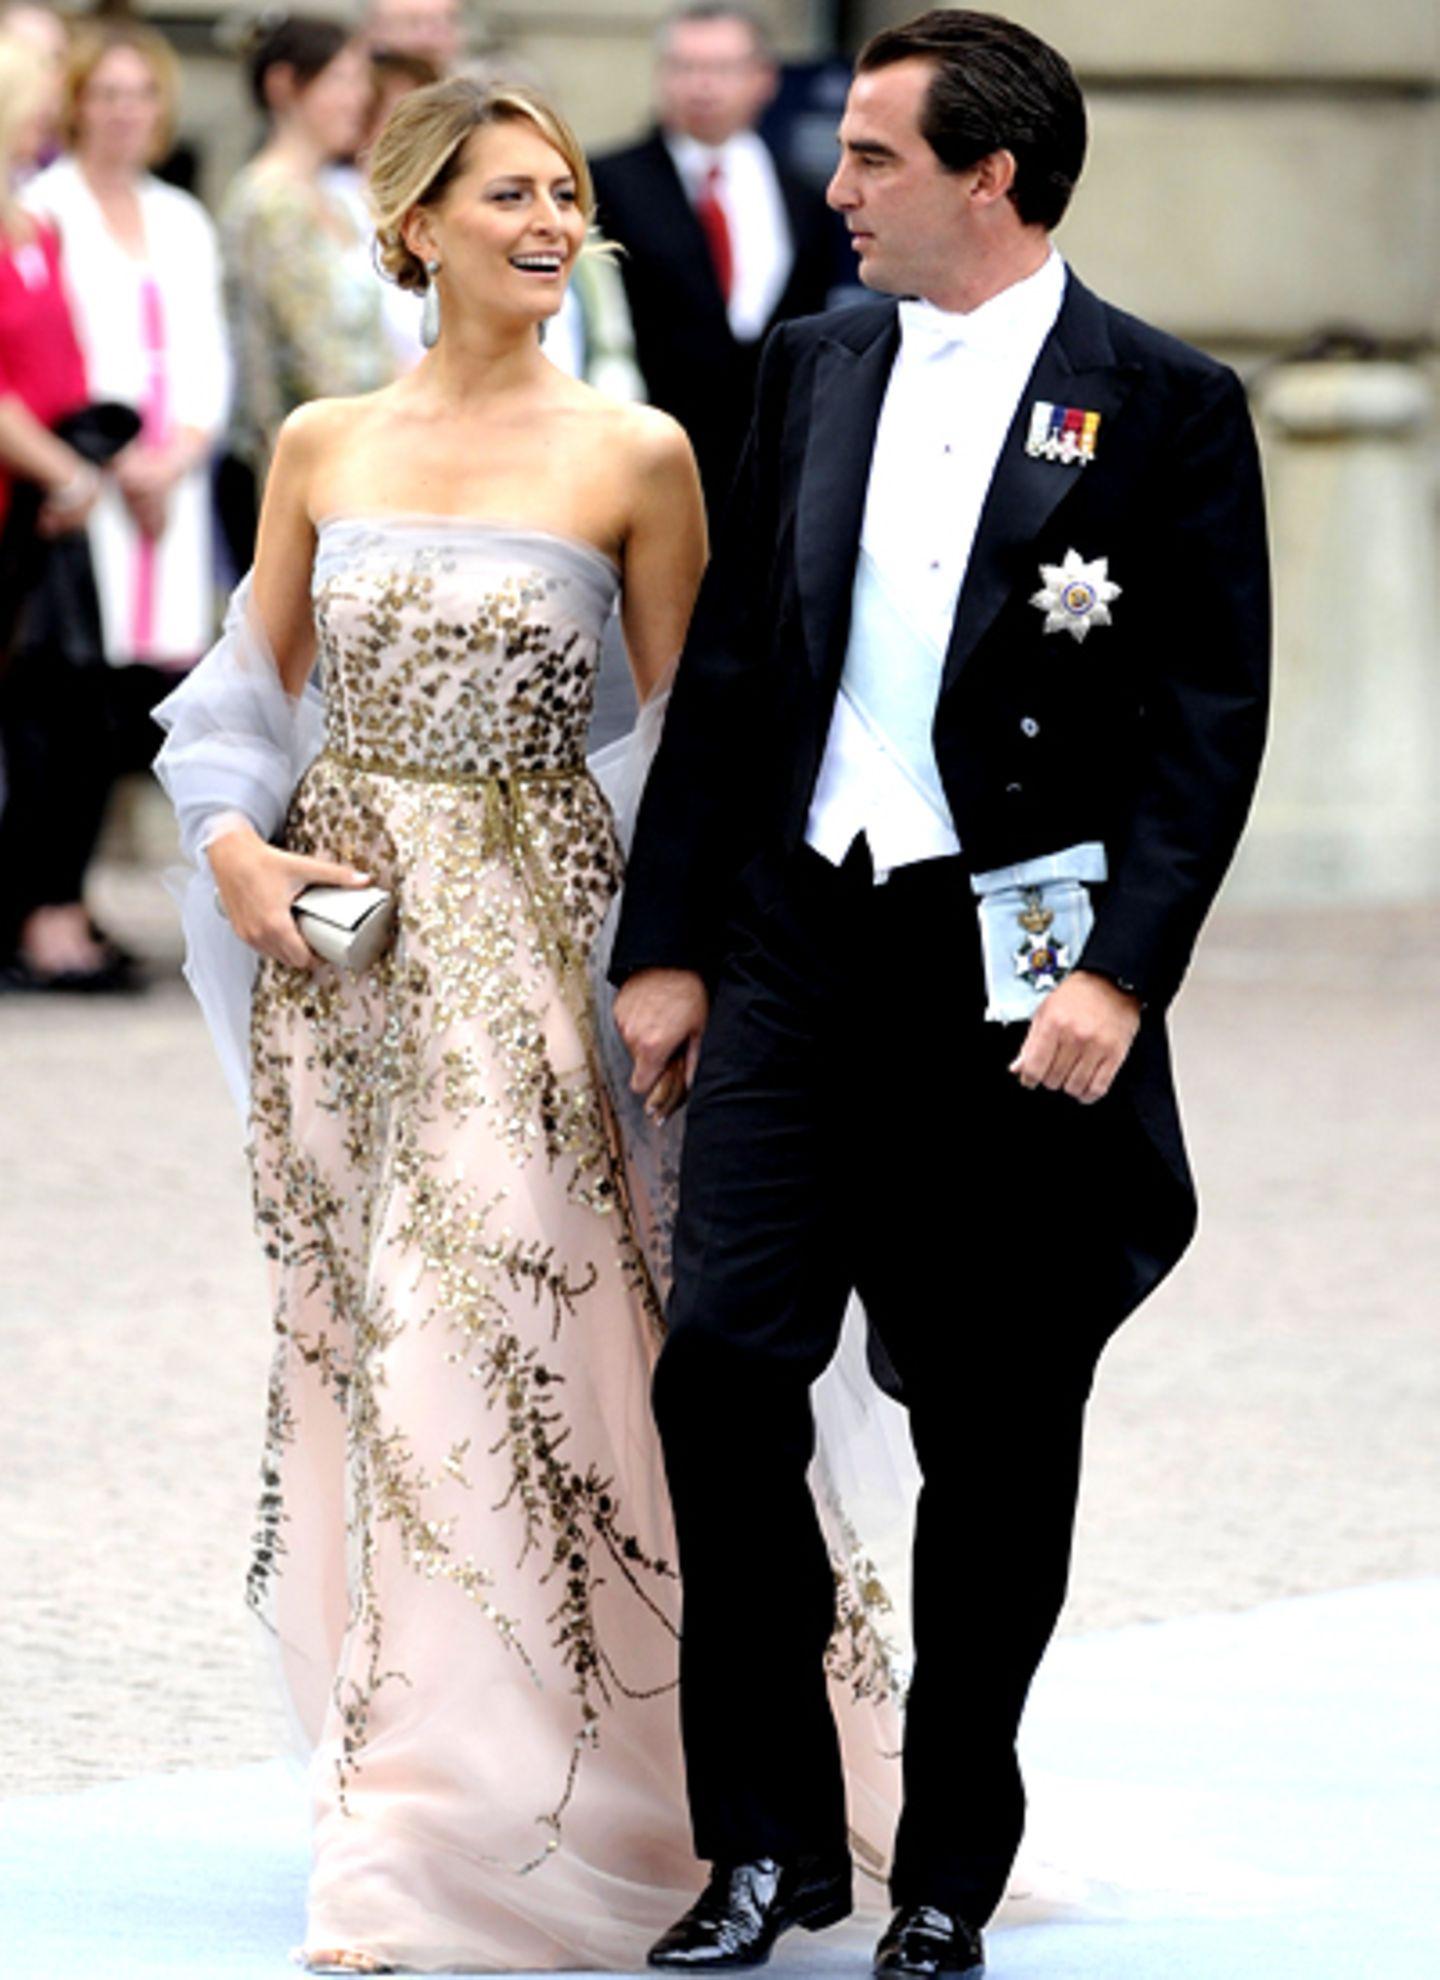 Prinz Nikolaos von Griechenland und Tatiana Blatnik lassen die Hochzeitszeremonie von Prinzessin Victoria auch nicht entgehen.